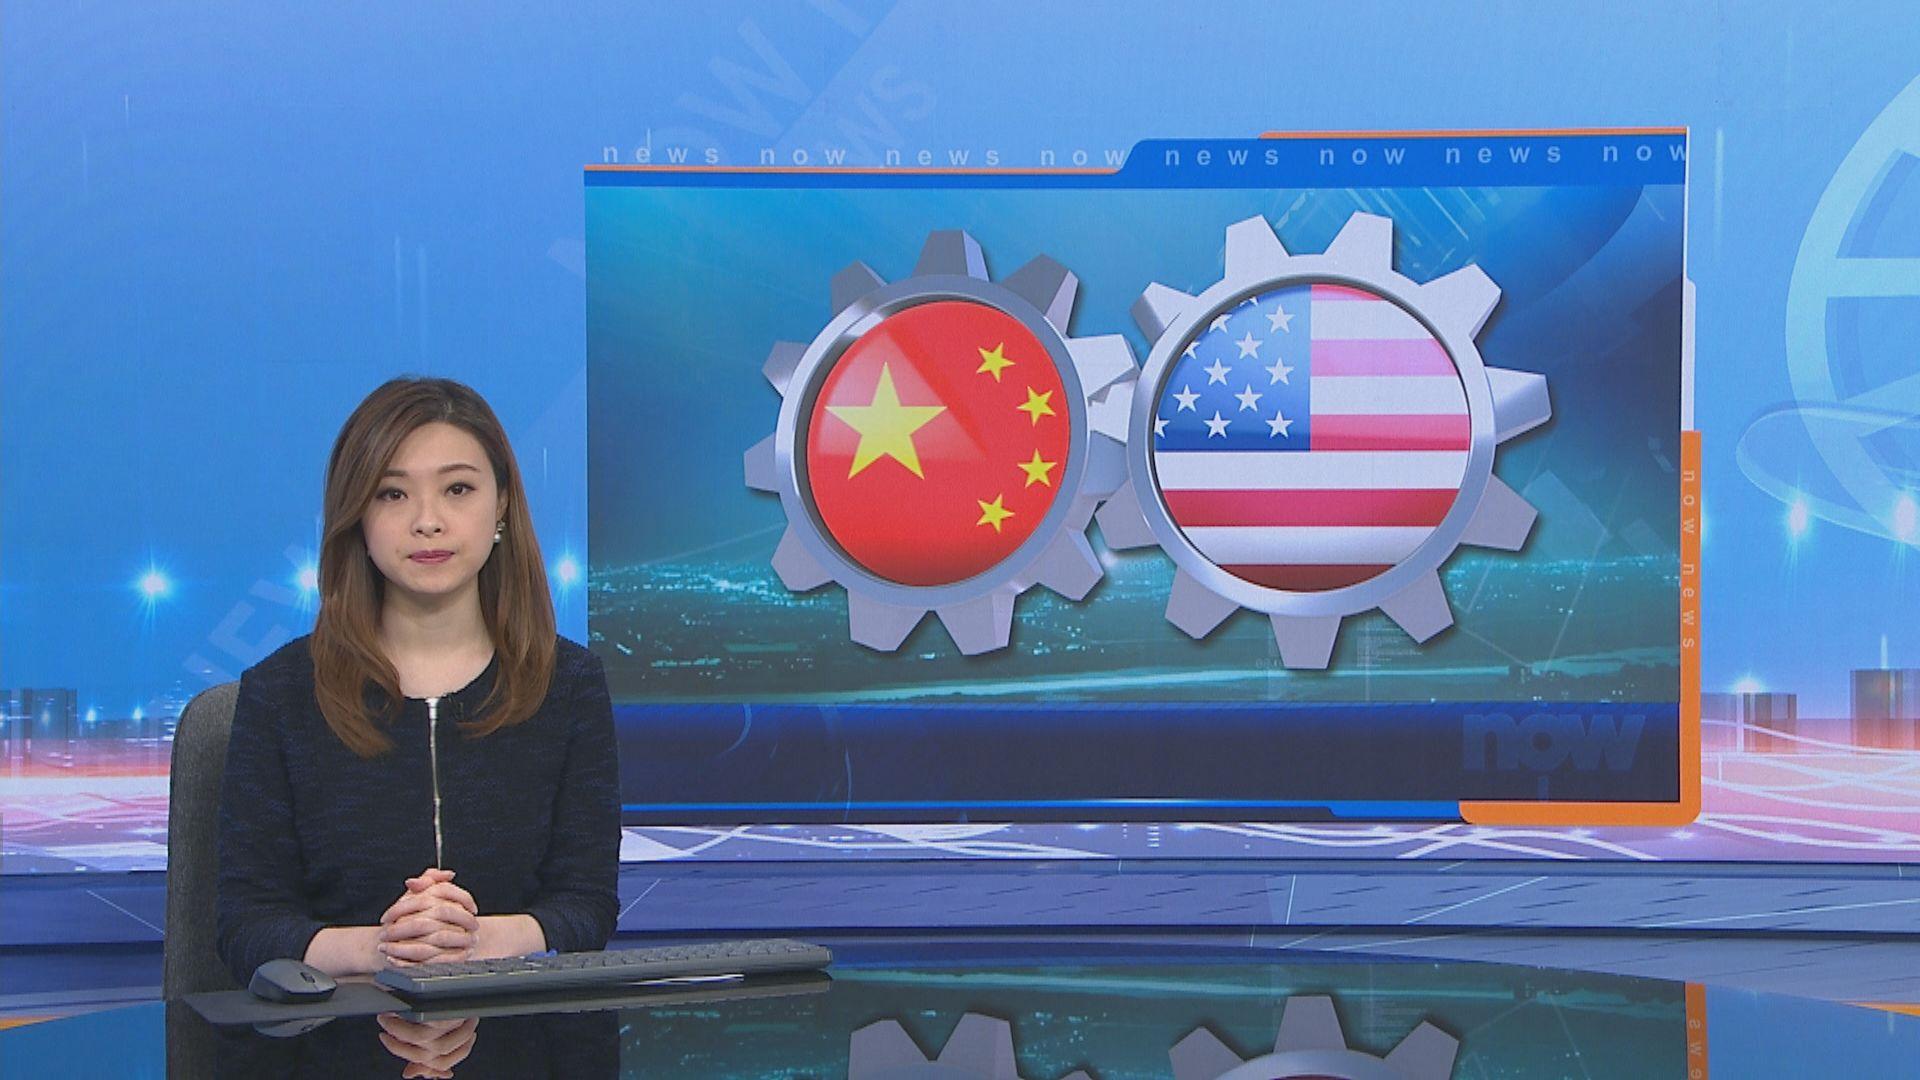 傳美國將中芯國際列入貿易黑名單 中方暫未回應